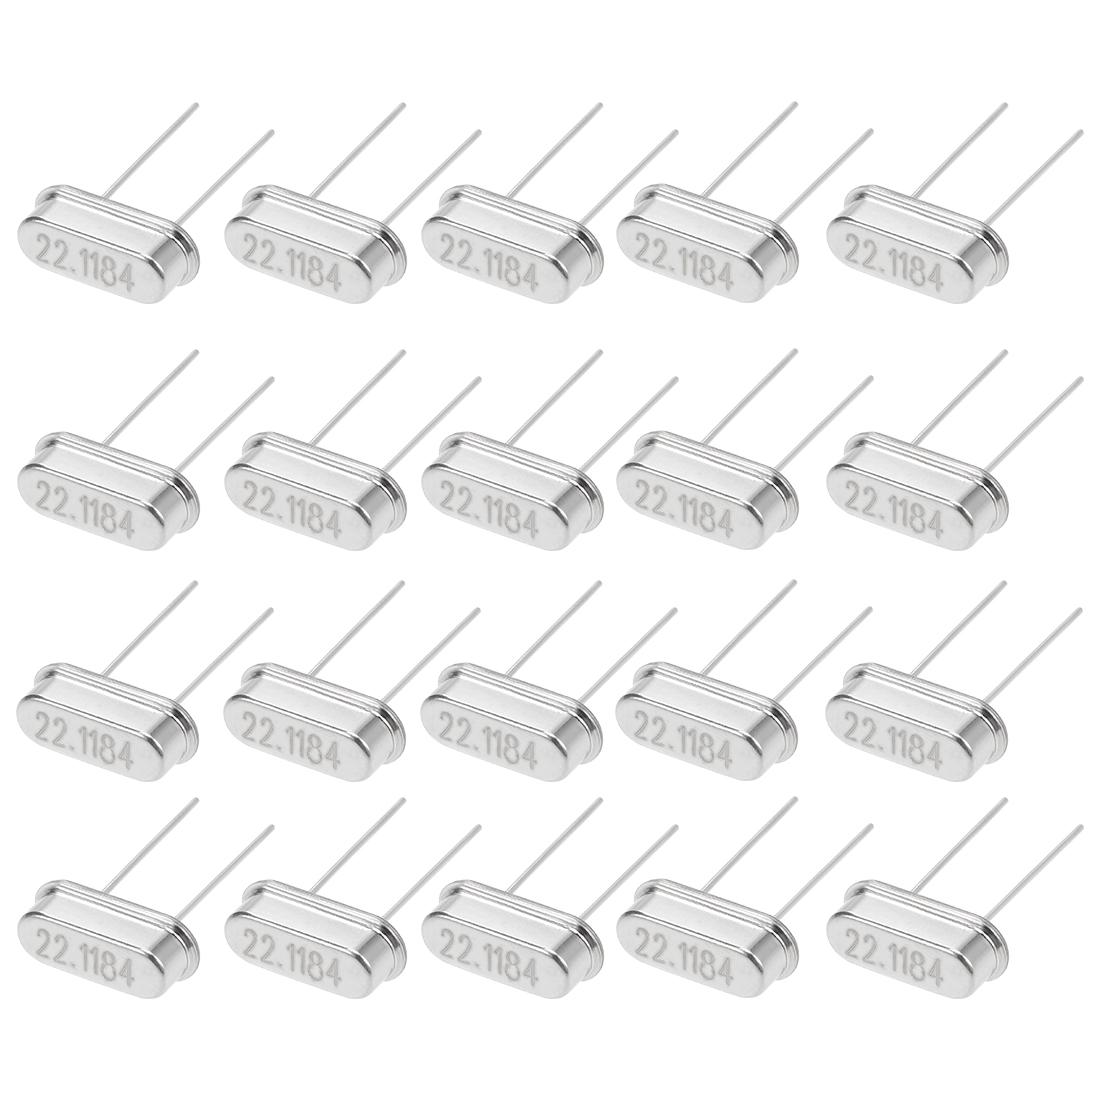 20 Pcs 22.1184MHz HC-49S DIP Quartz Crystal Oscillators Resonators Replacement